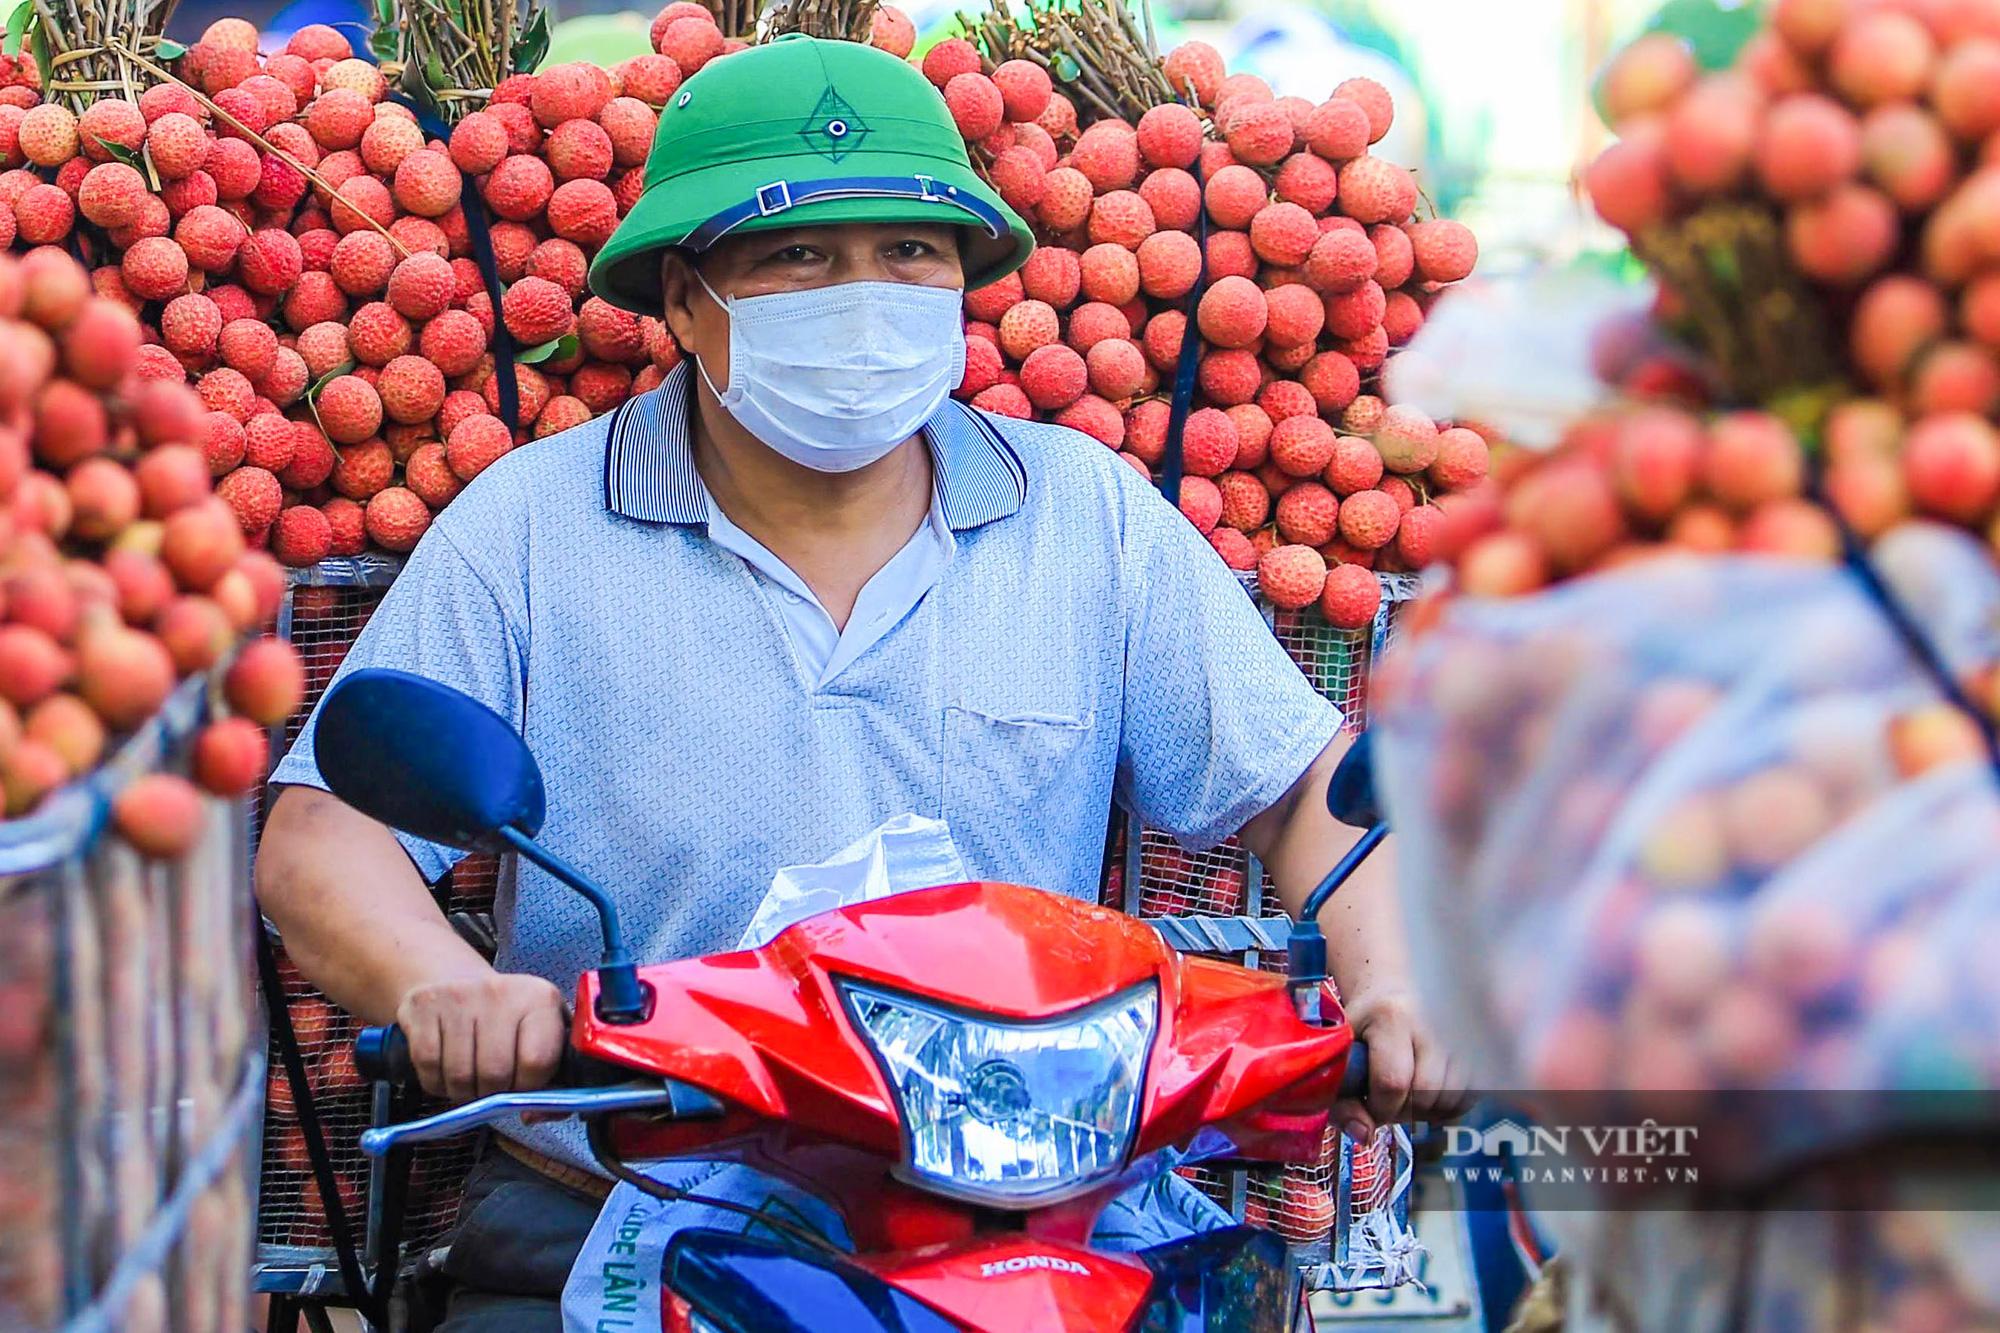 Vải thiều chín rộ đỏ ửng theo lưng nông dân đi tiêu thụ - Ảnh 5.